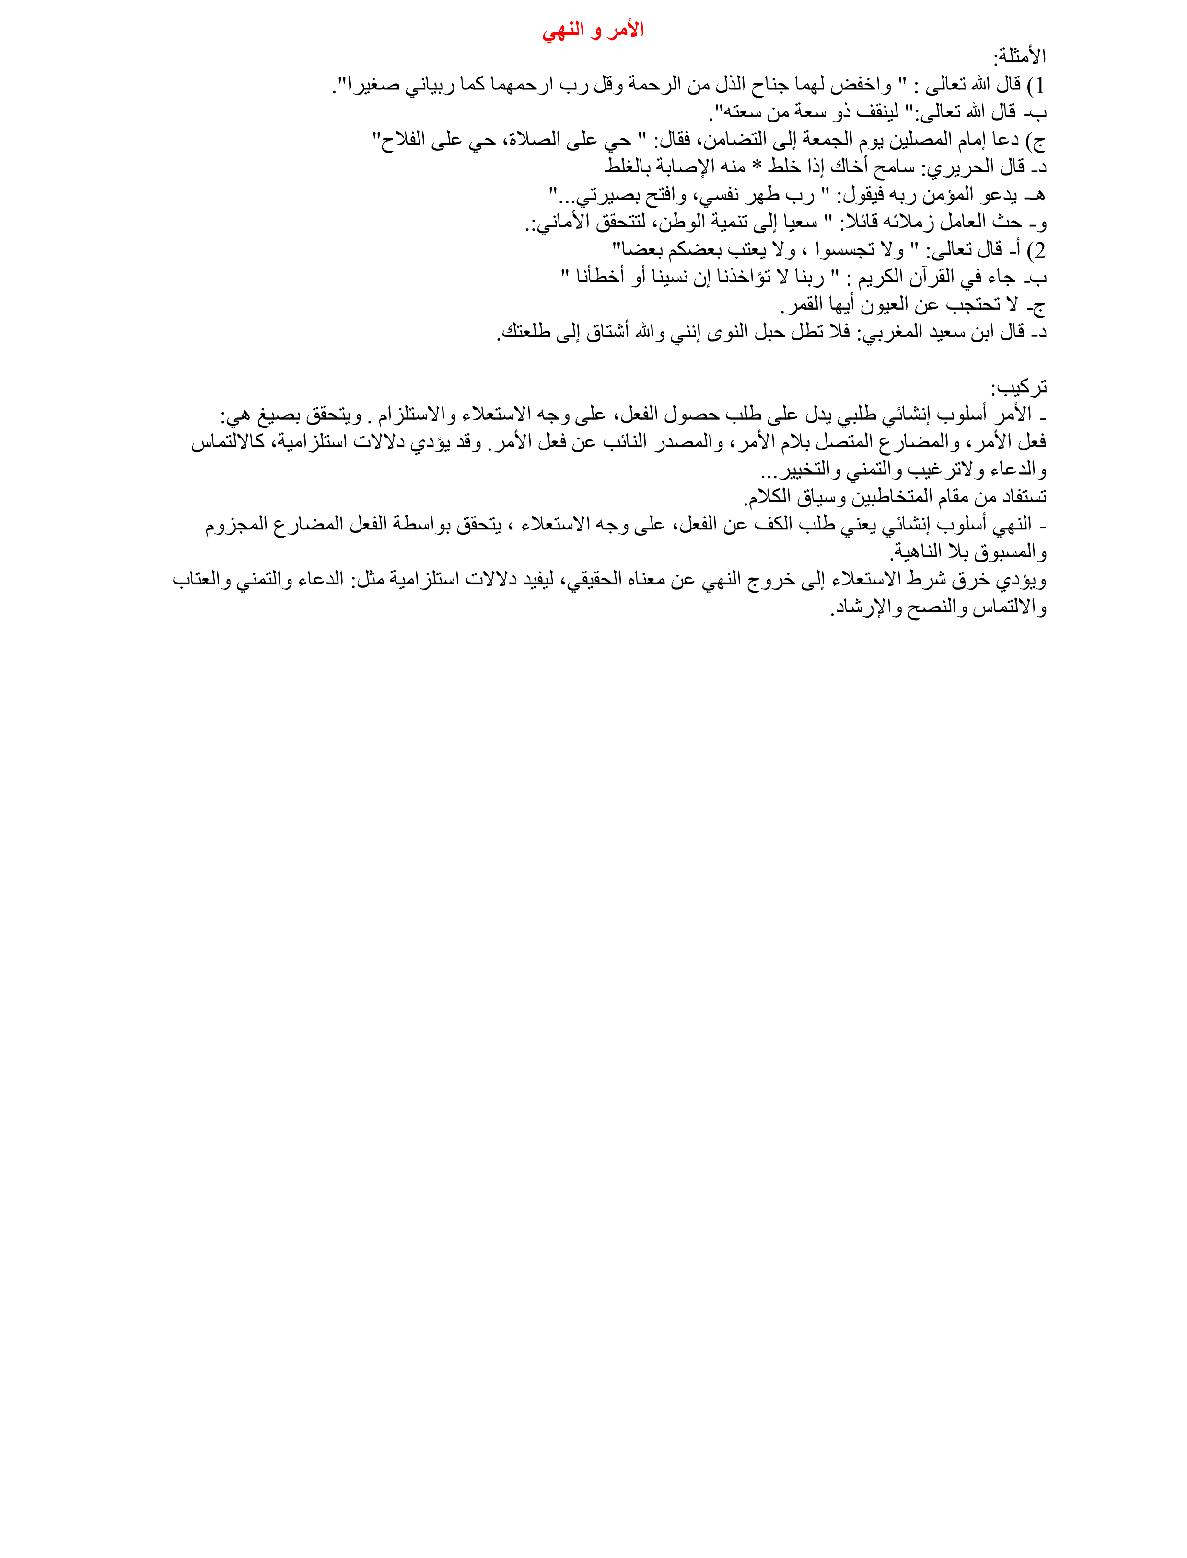 درس الأمر والنهي اللغة العربية اولى باك